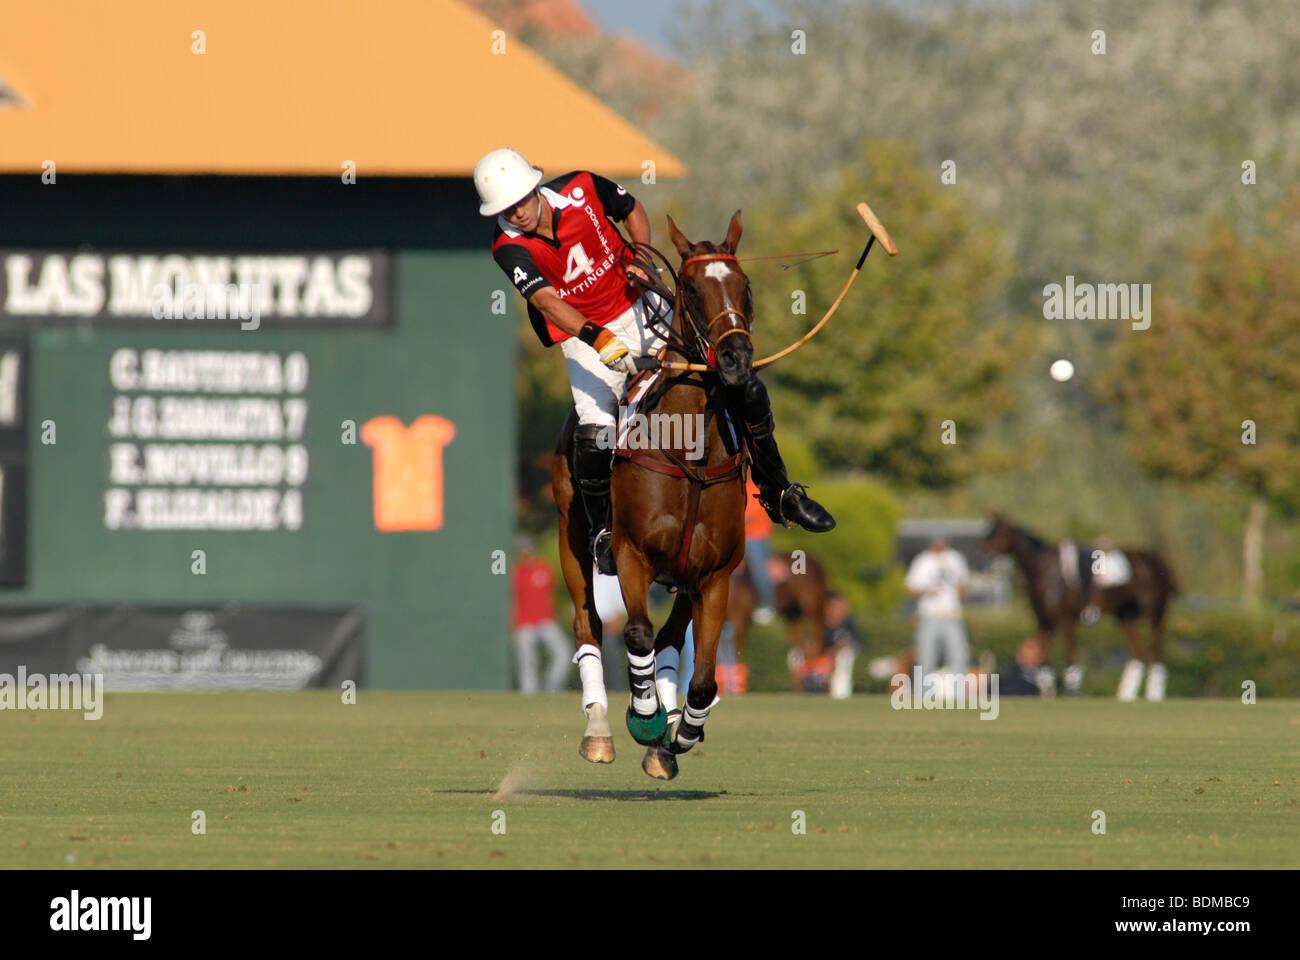 Polo player en action juste après la balle frappant au cours de match à Santa Maria polo club, Sotogrande, Photo Stock